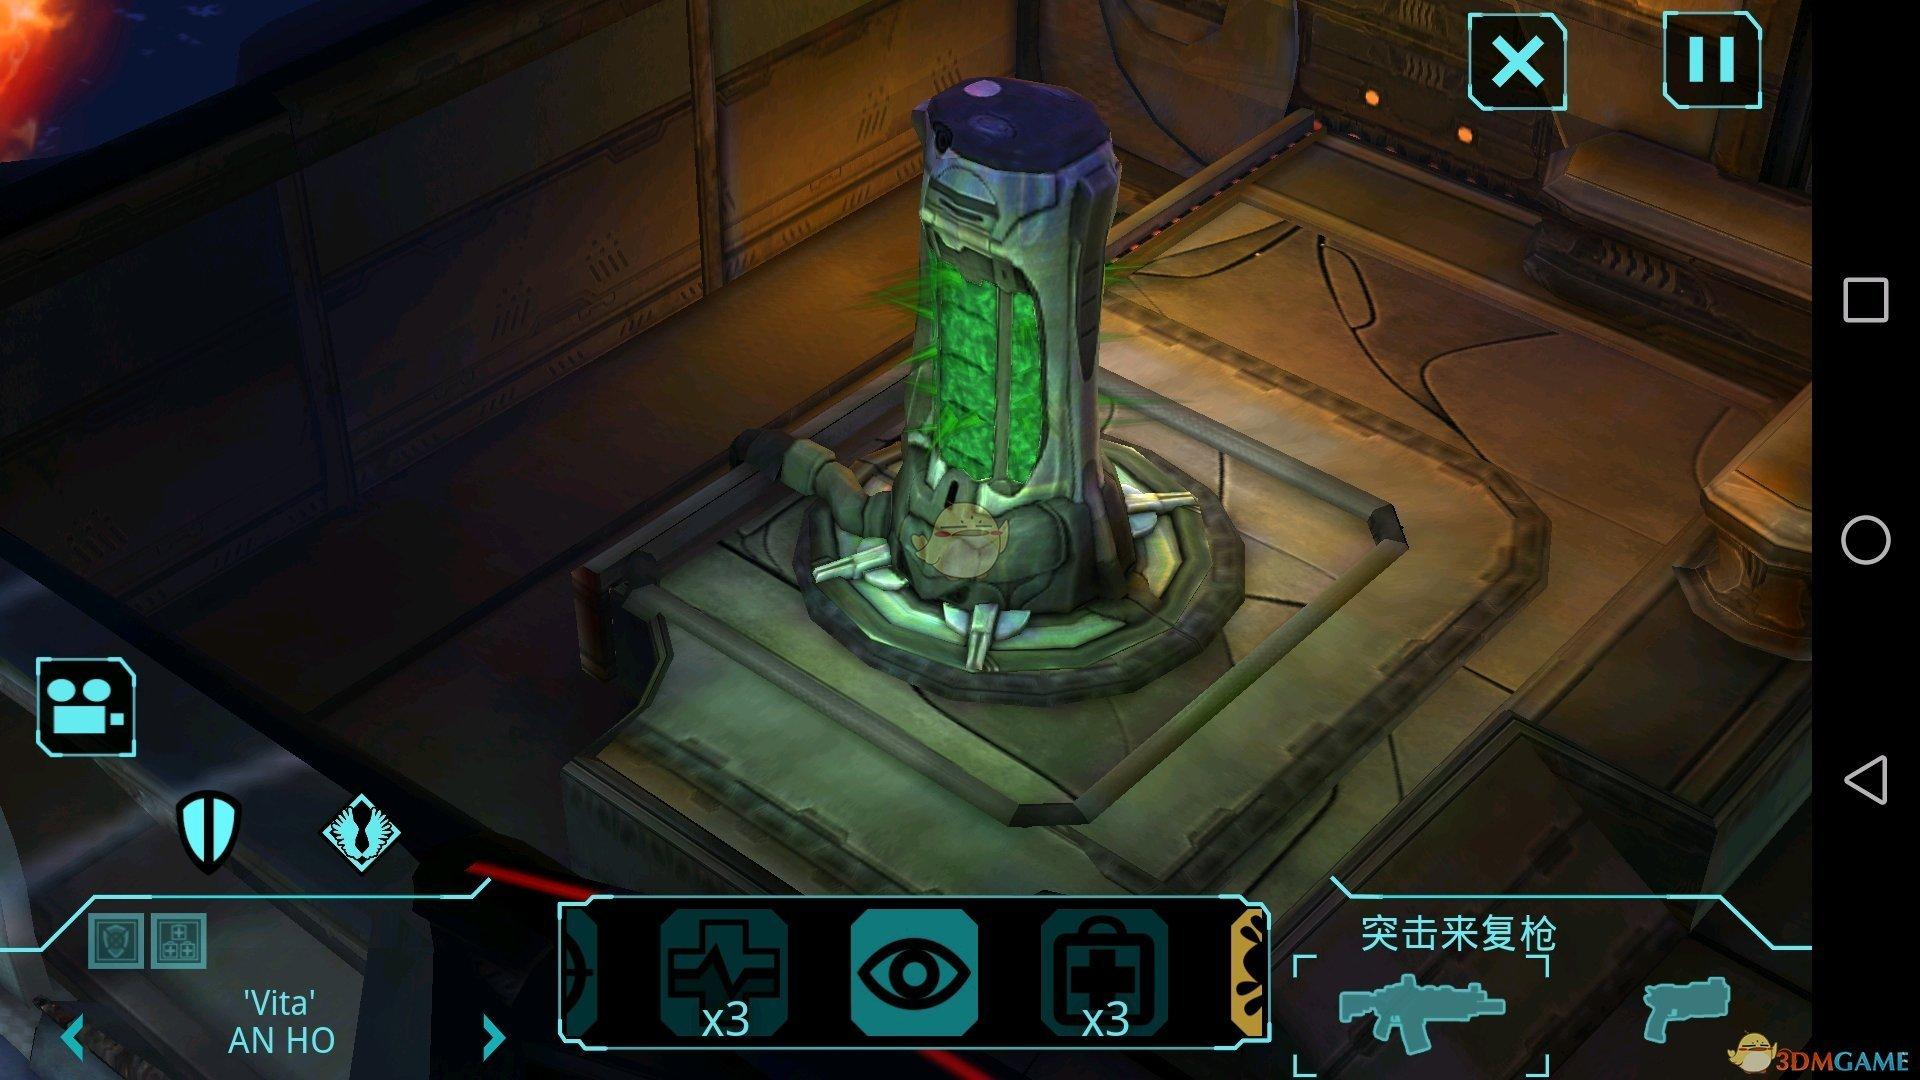 《幽浮:奇美拉战队》机器人使用方法分享